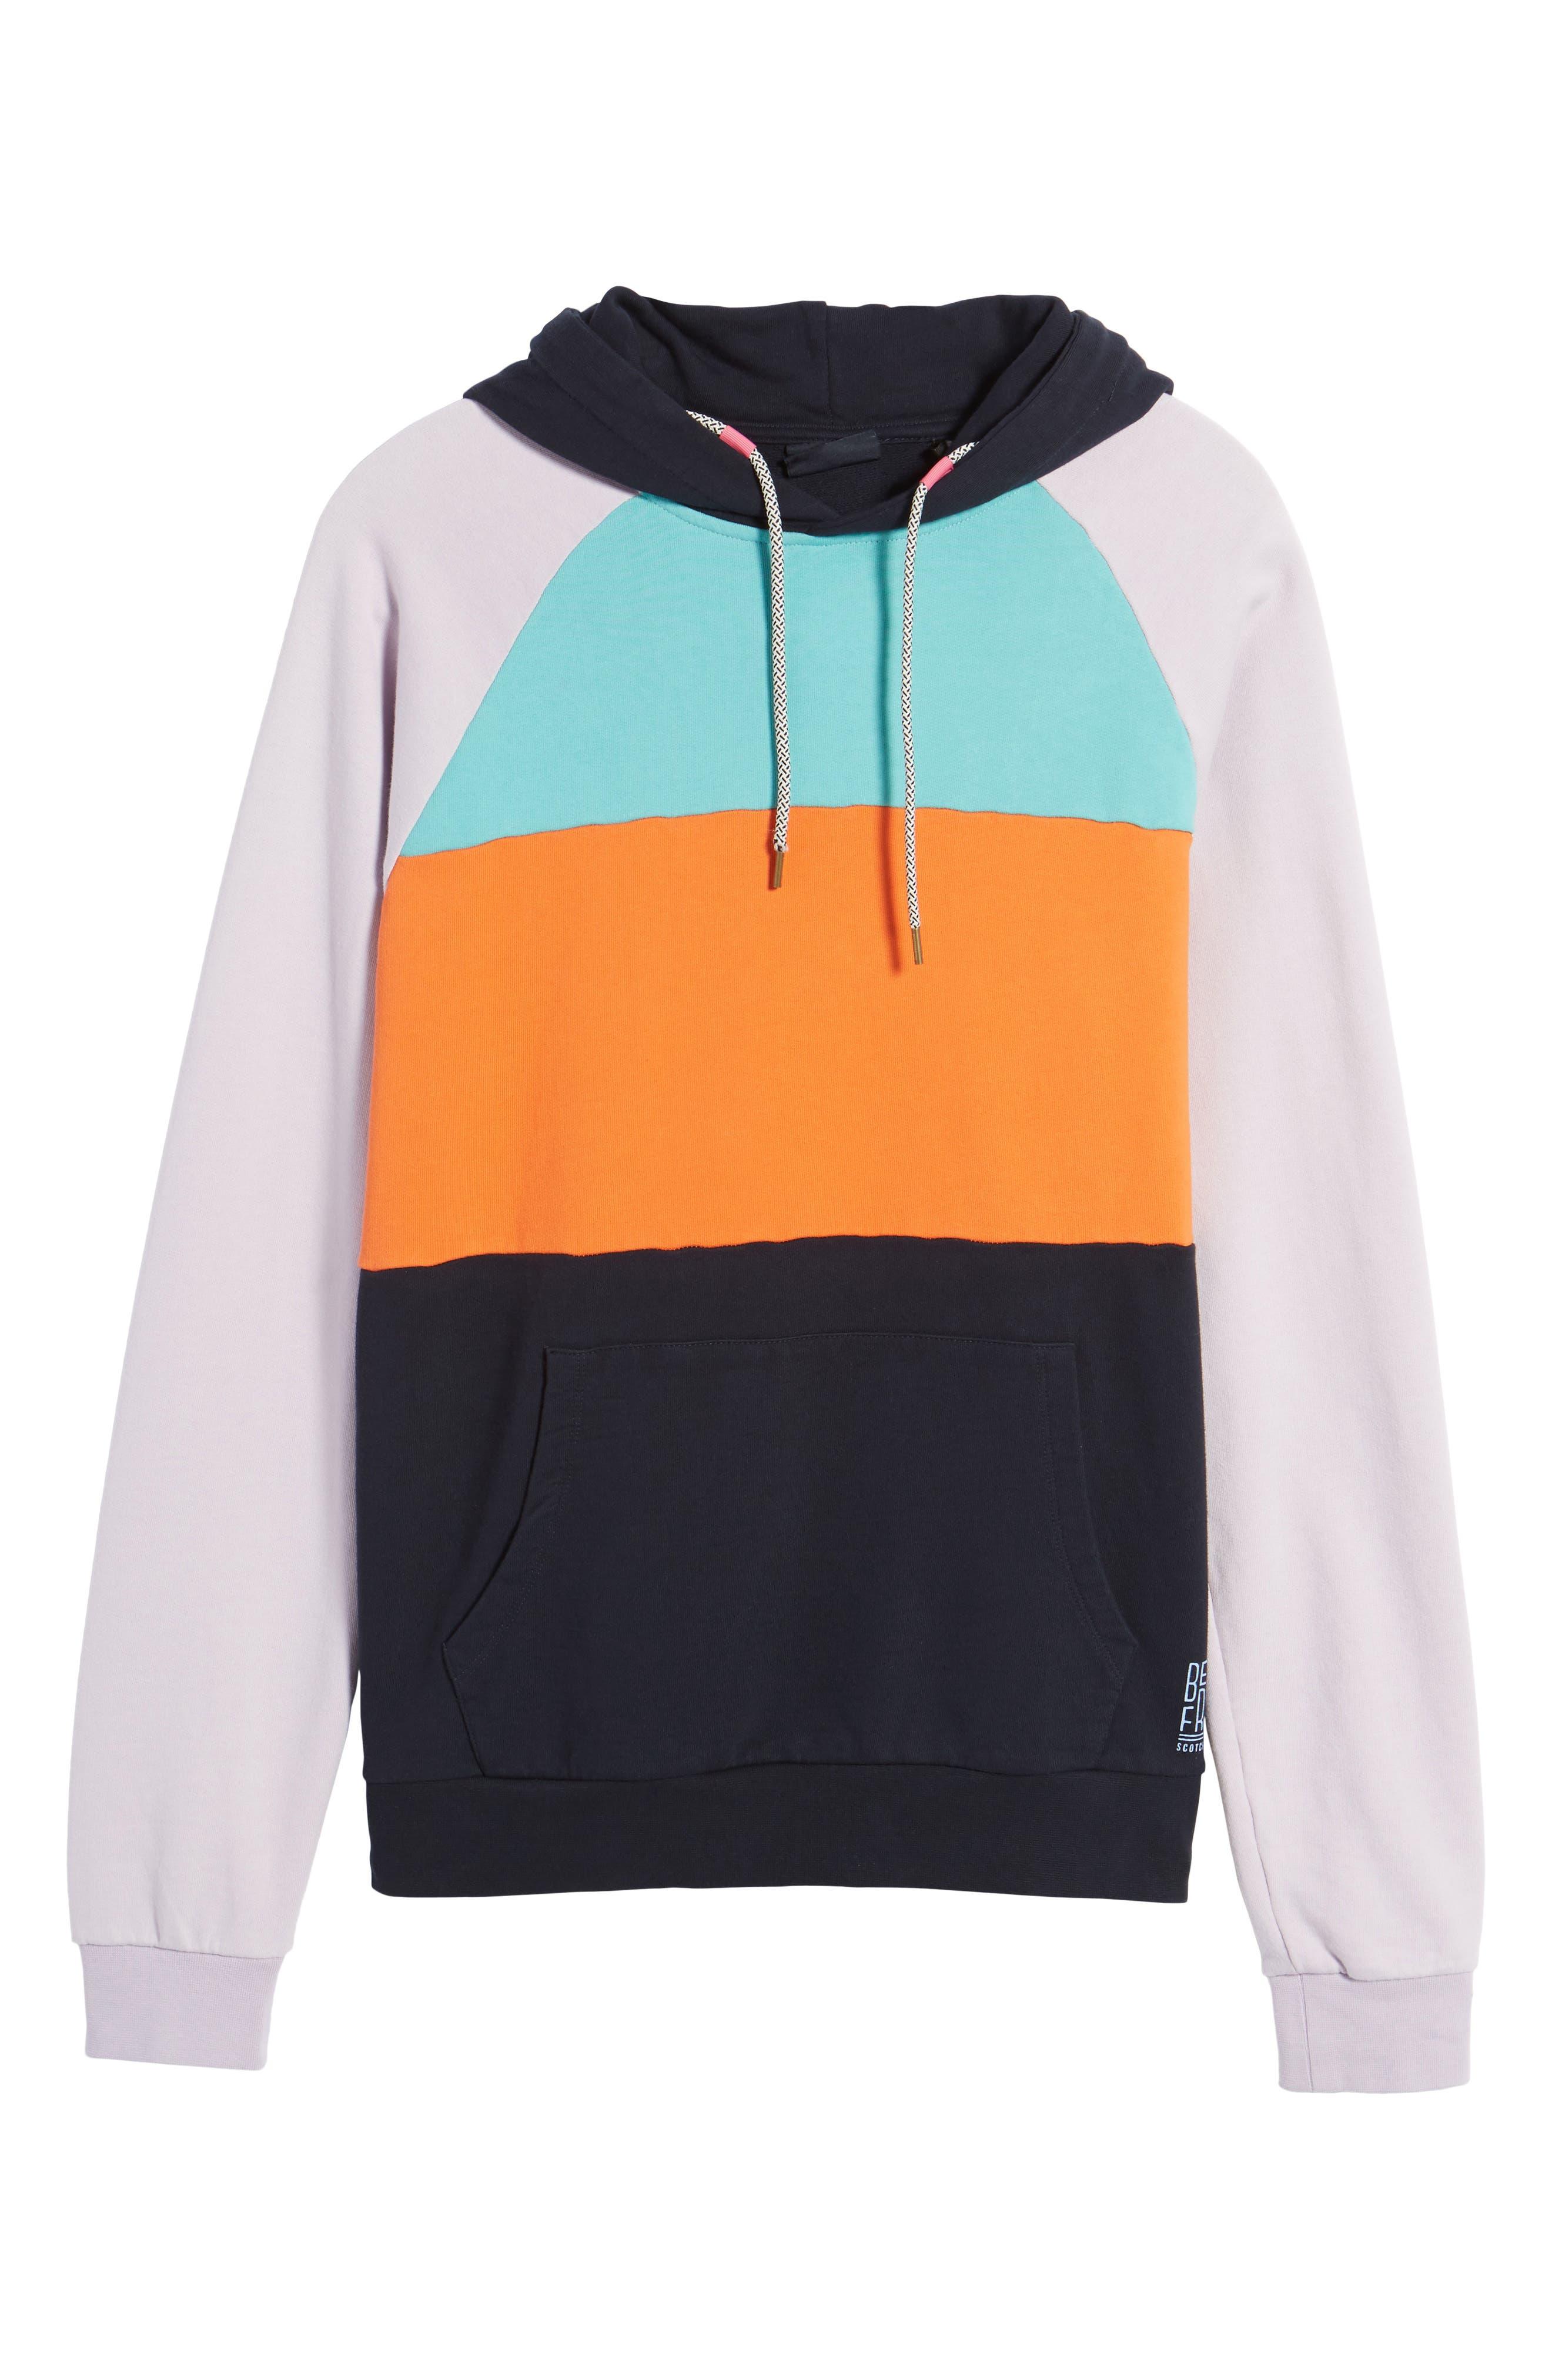 Summer Colorblock Hoodie Sweatshirt,                             Alternate thumbnail 6, color,                             100